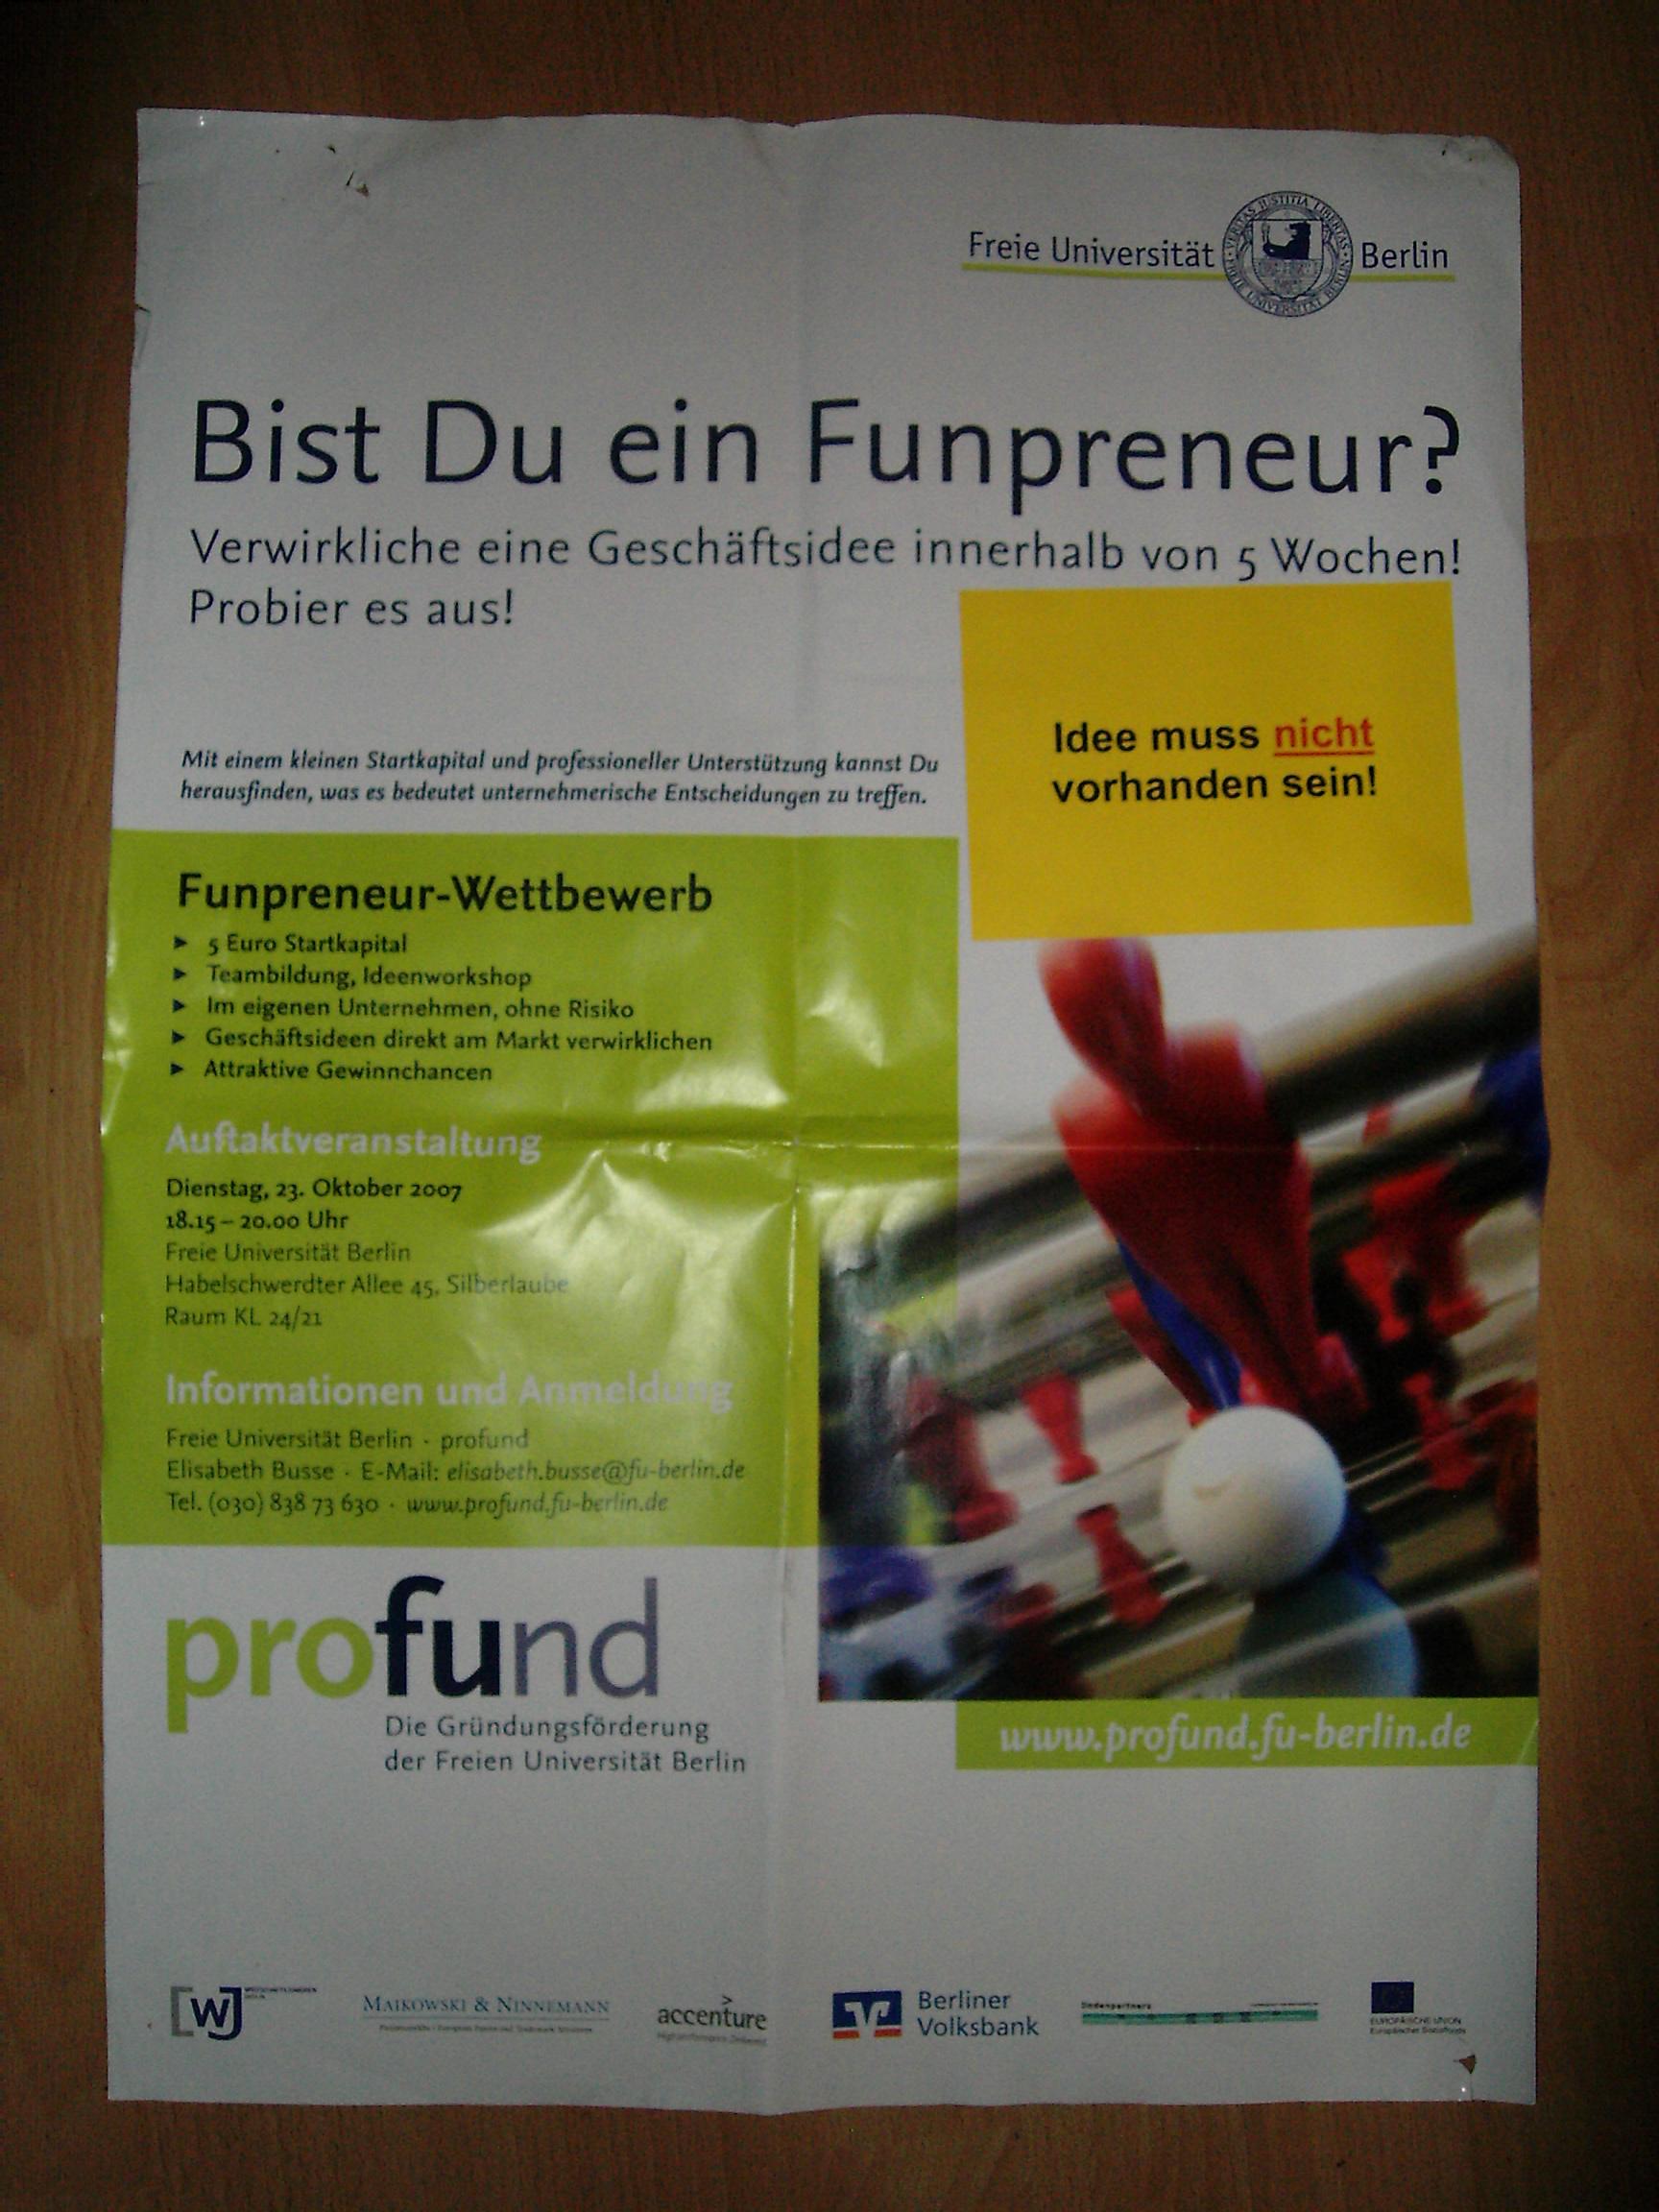 Funpreneur